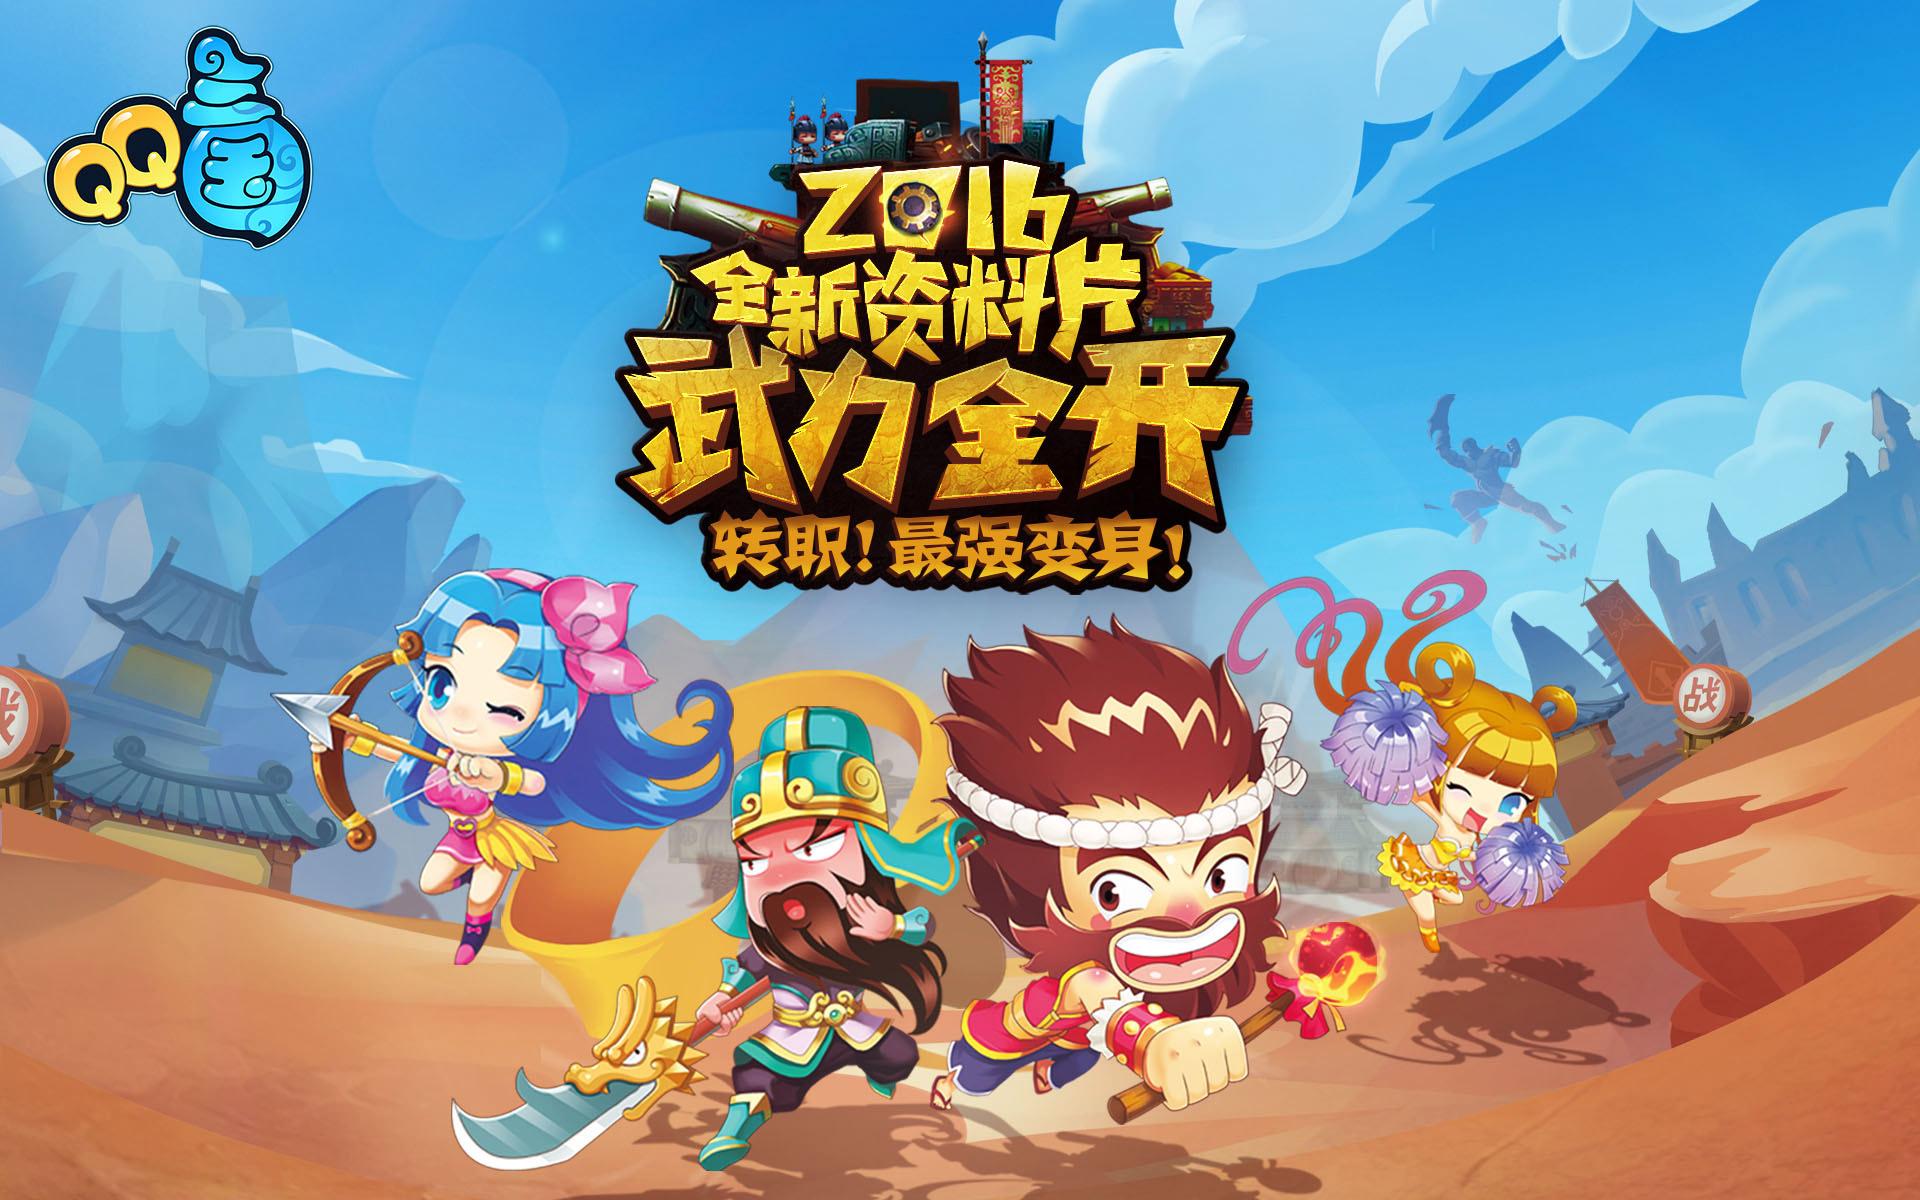 爱生活!-qq三国-官方网站-腾讯游戏